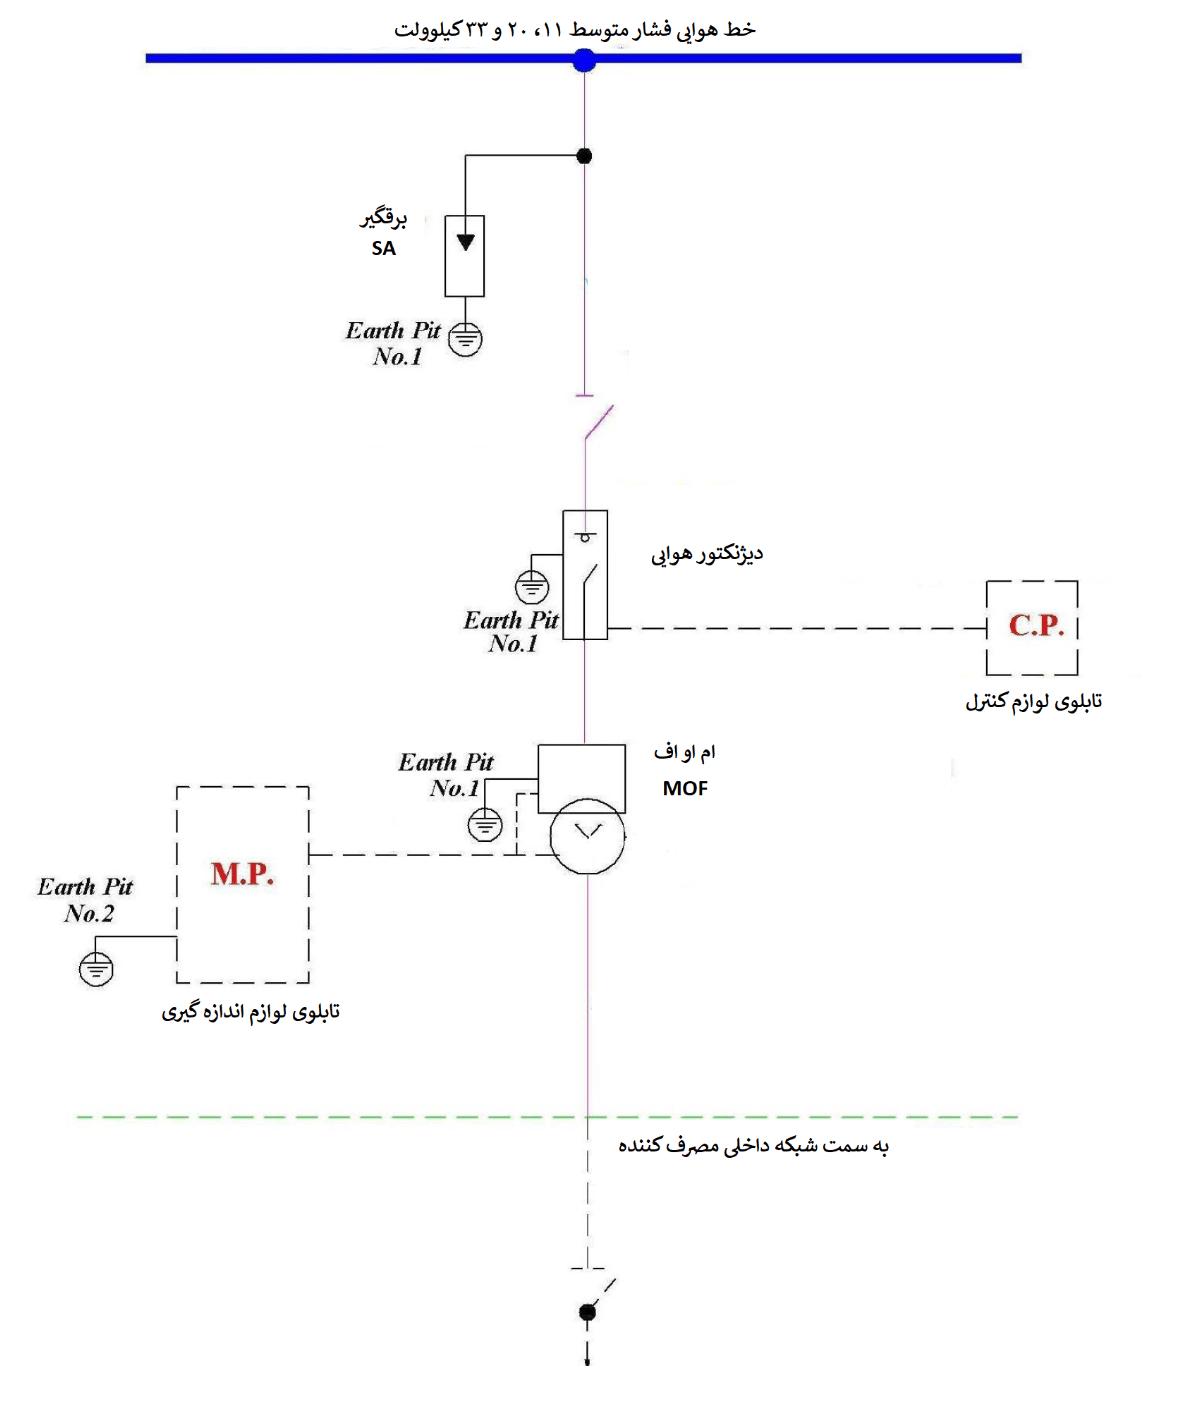 ترانس اندازه گیری مرکب نیرو ترانس در پست هوایی